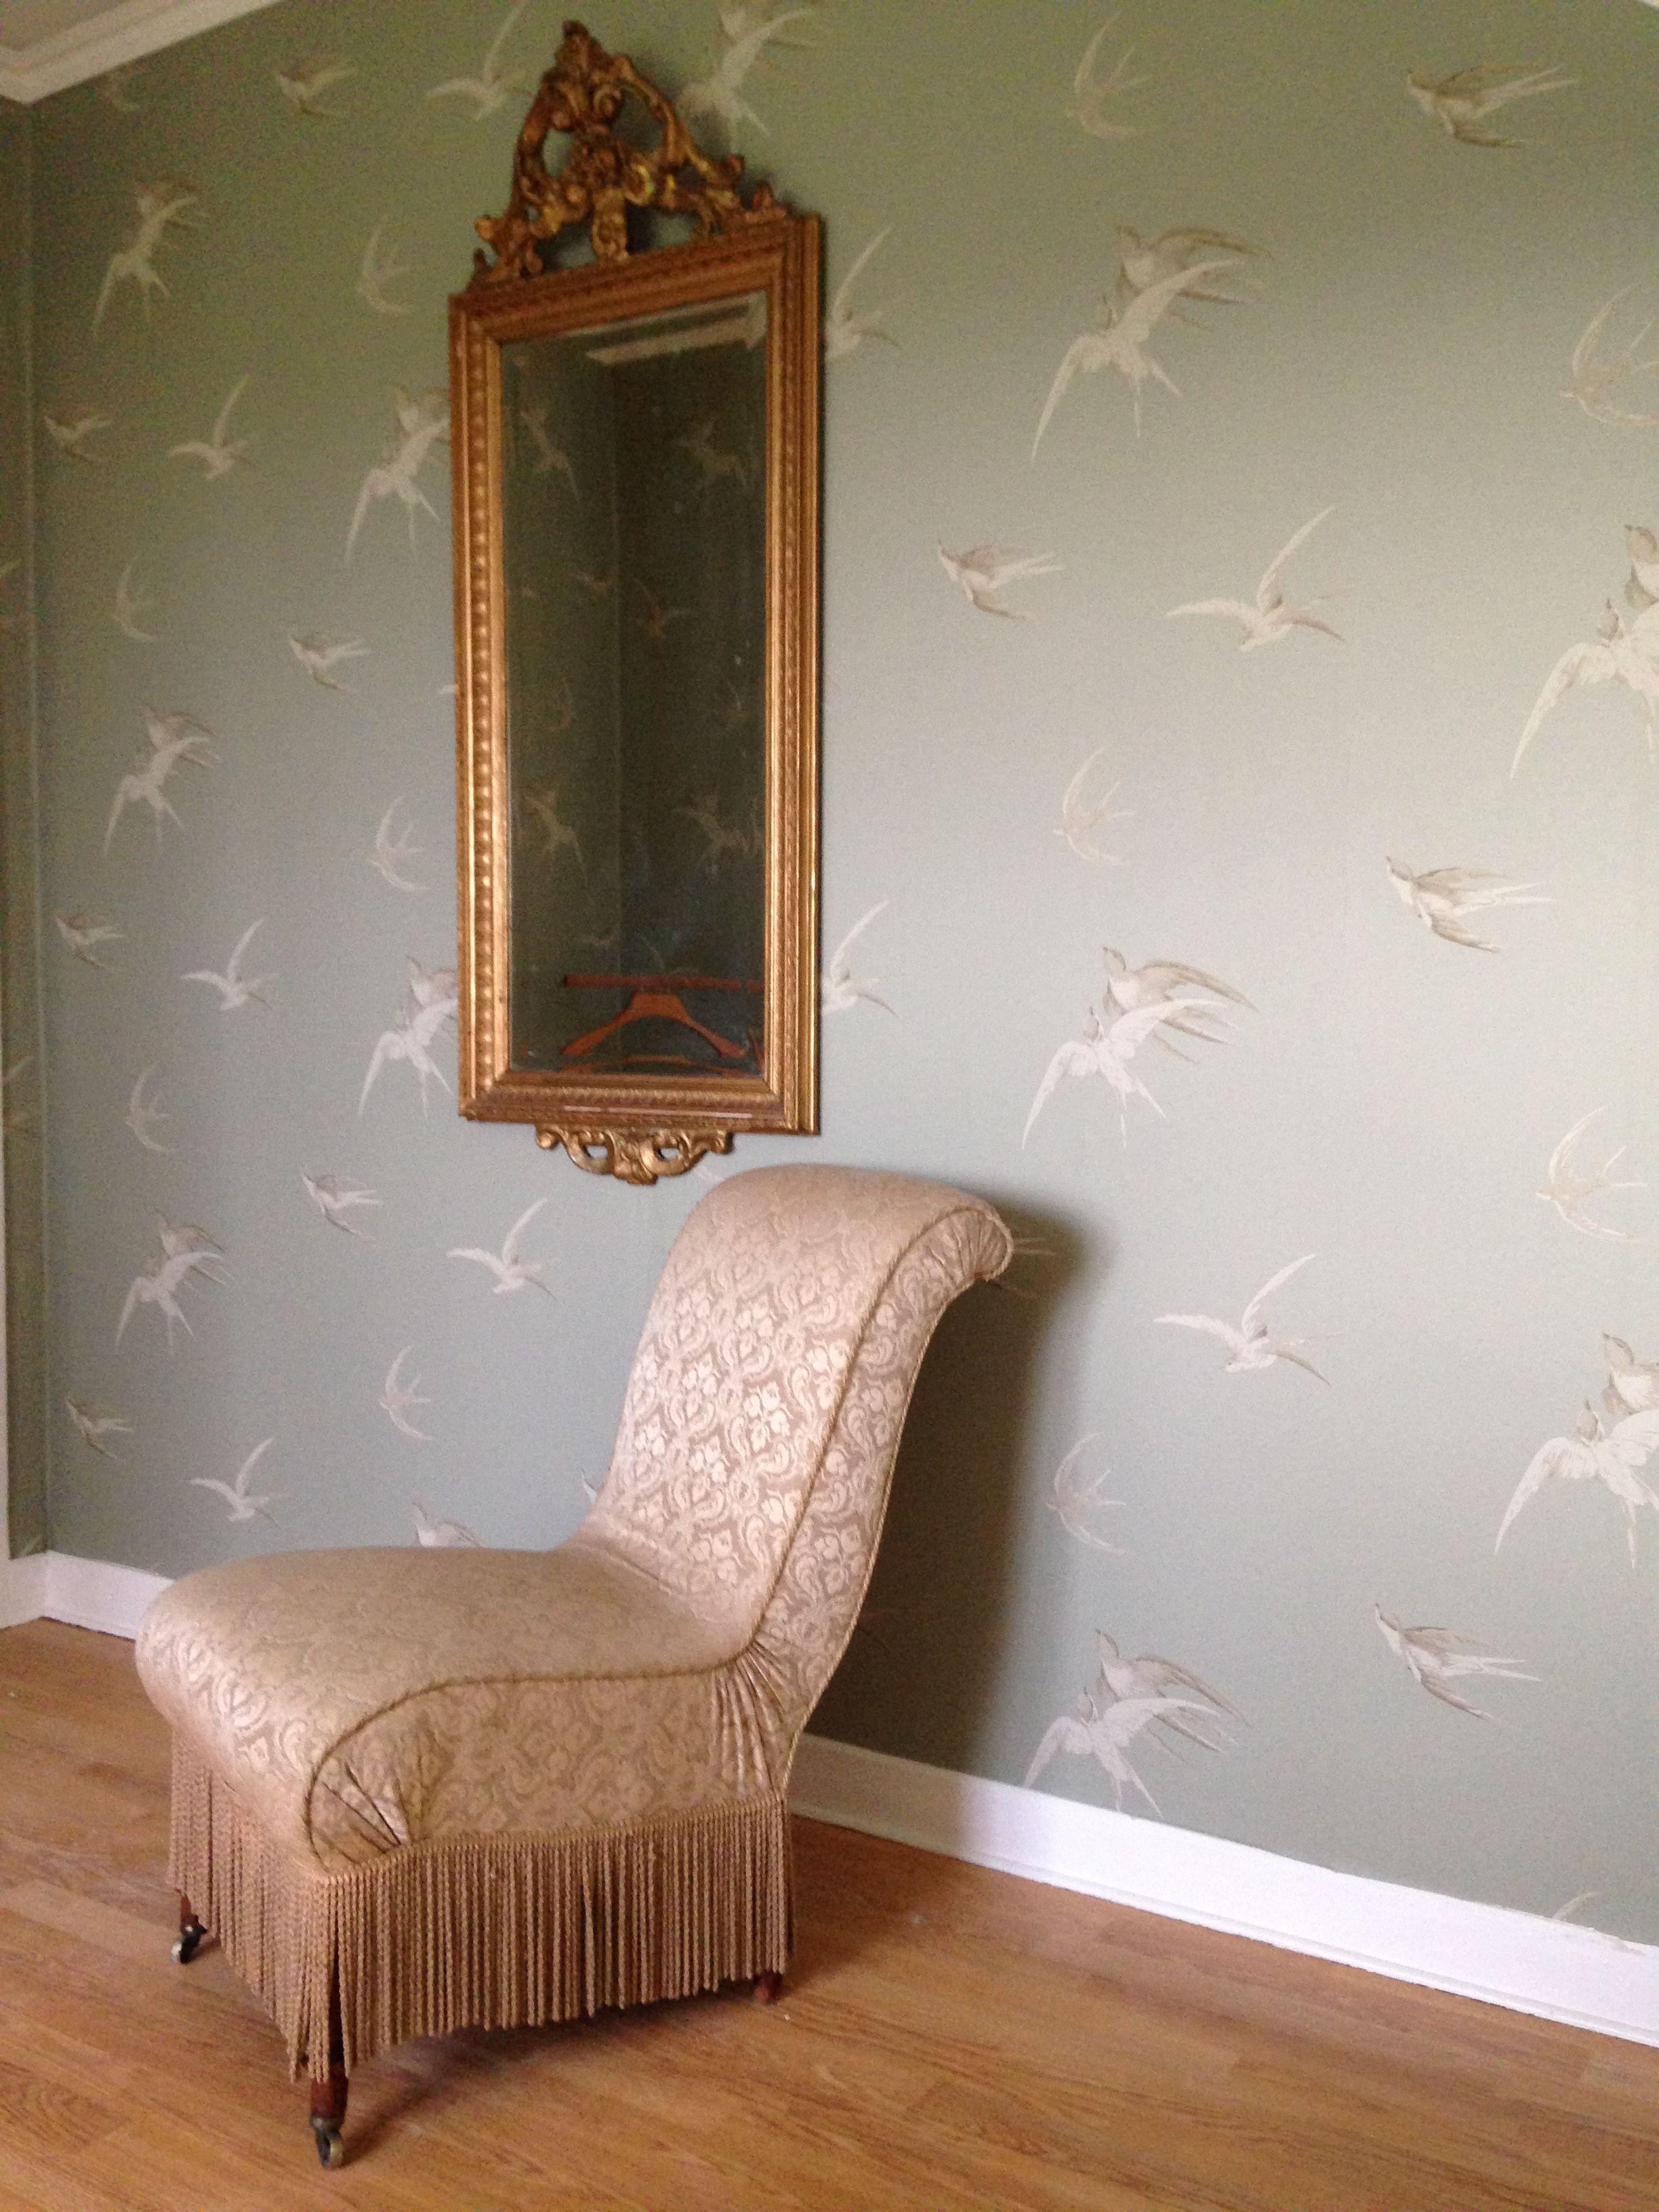 Vägg i sovrummet Bedroomwall Wallpaper: Sanderson Vintage Swallows Pebble Chair: Vintage / Effecta Auktionsbyrå Mirror: Vintage / Broarna Auktioner